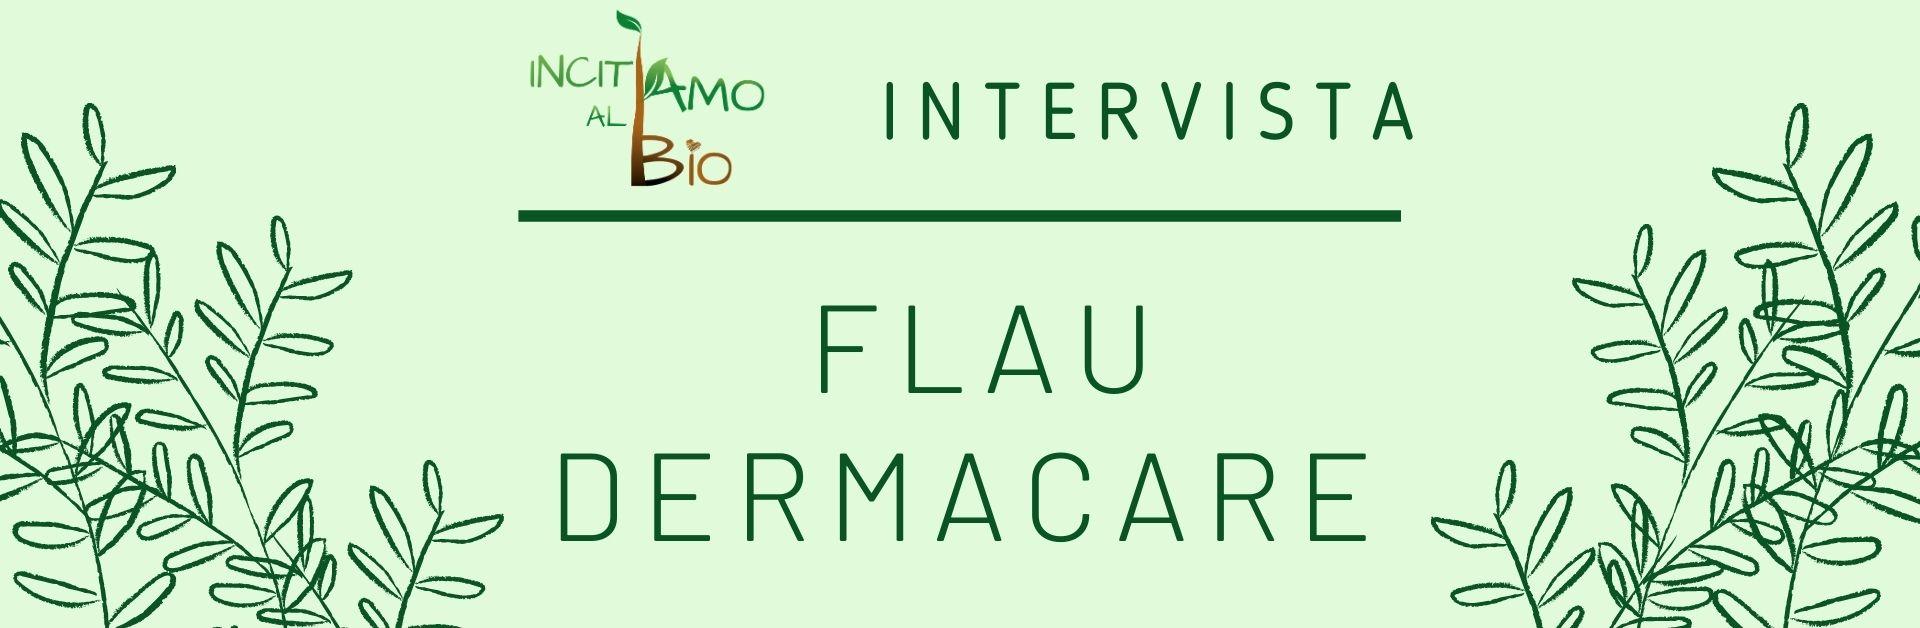 Immagine in evidenza intervista a Flau Dermacare